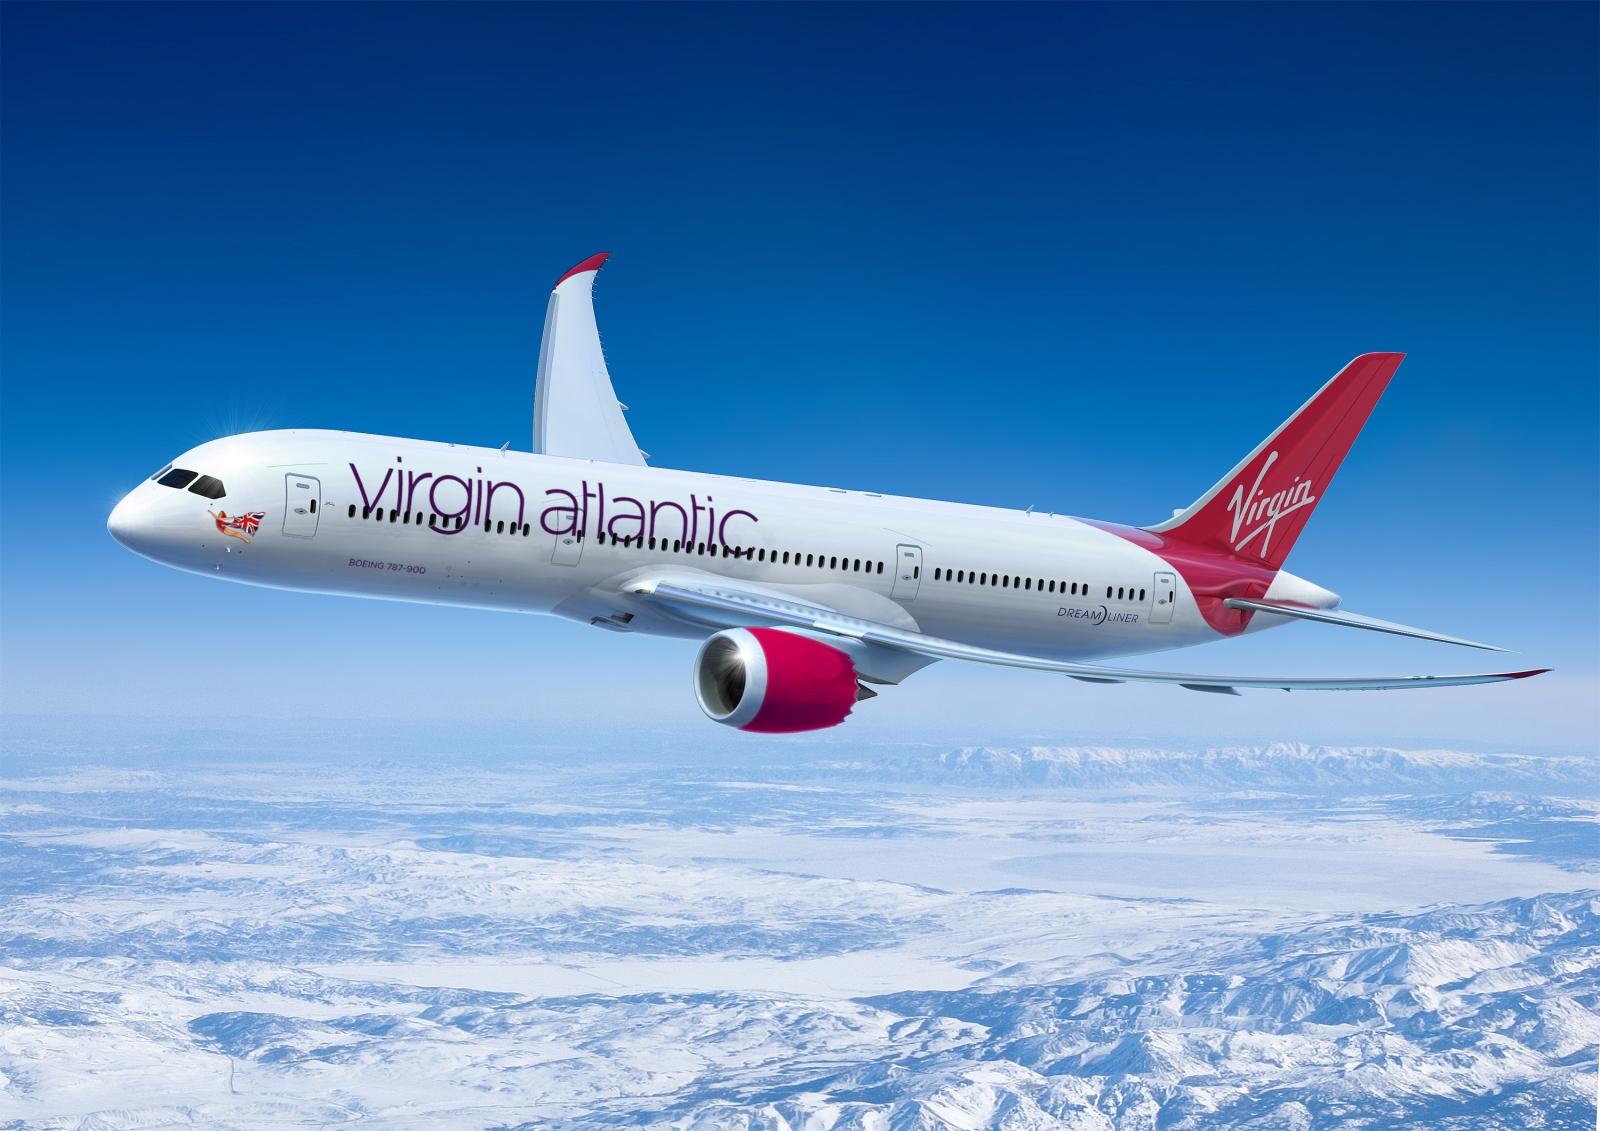 Virgin Atlantic live TV in-flight